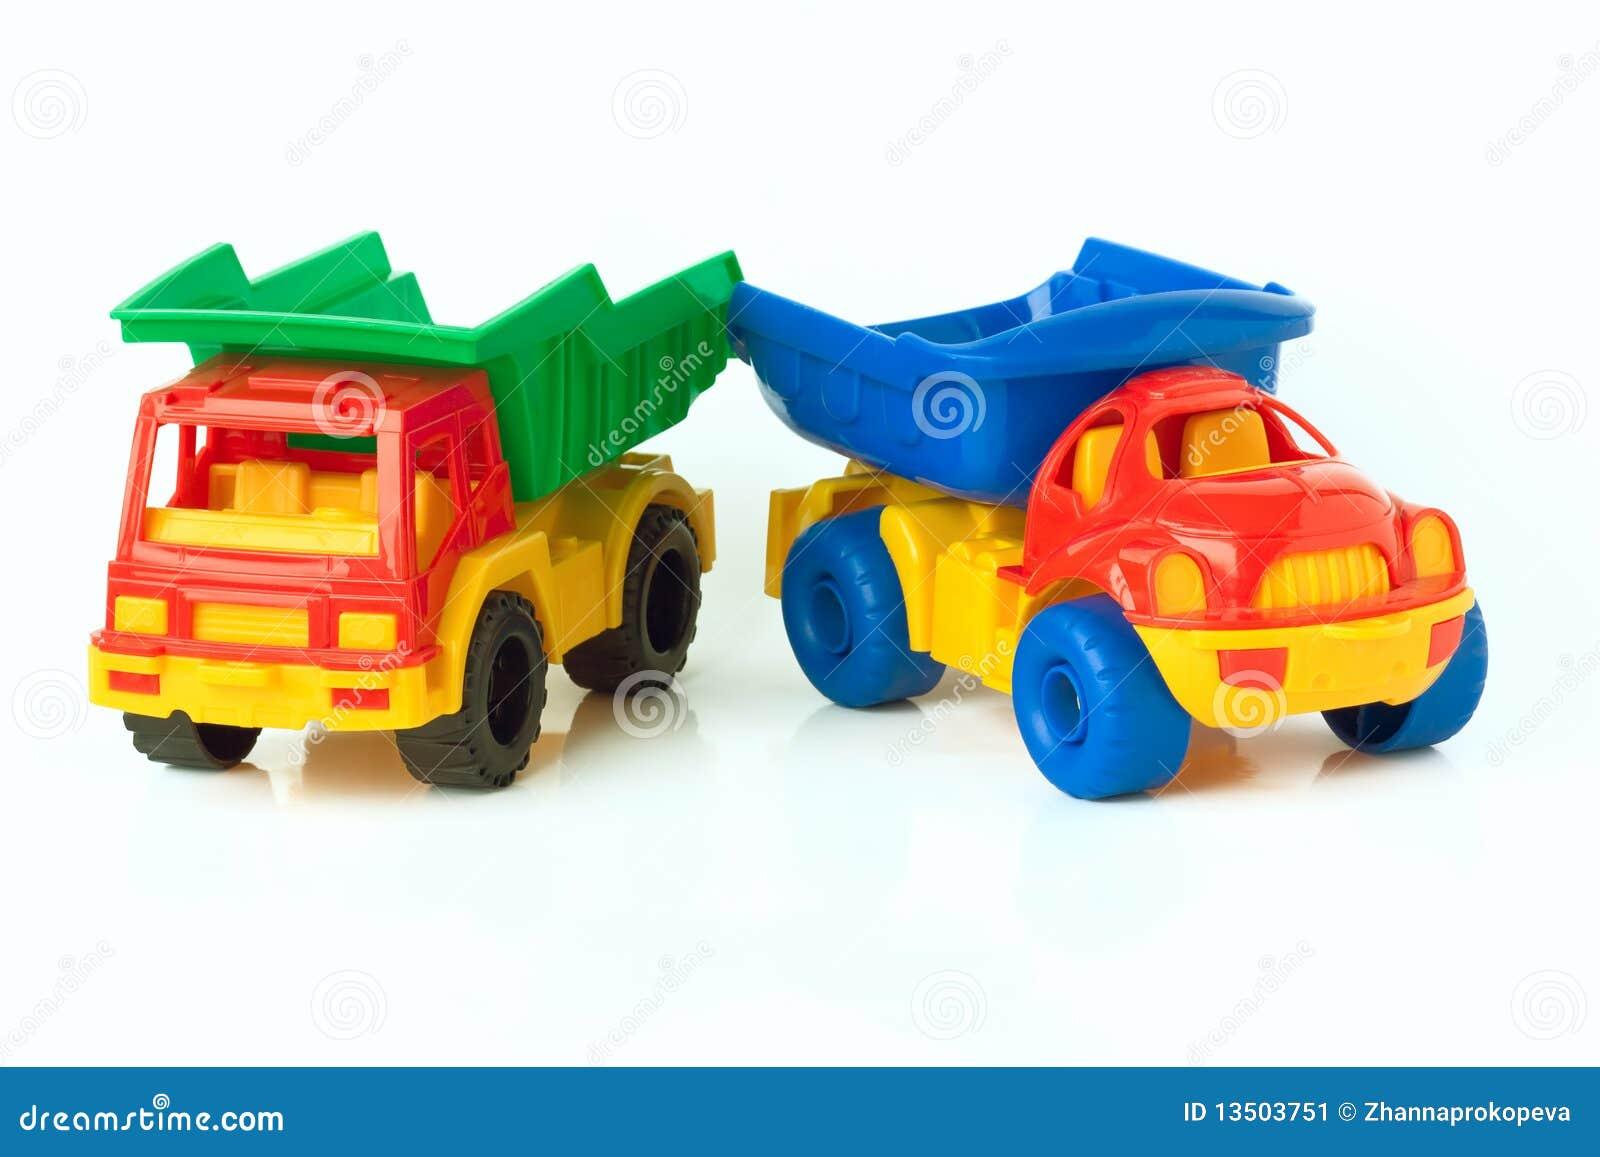 Carros del juguete imagen de archivo imagen de juguetes for Juguetes de plastico